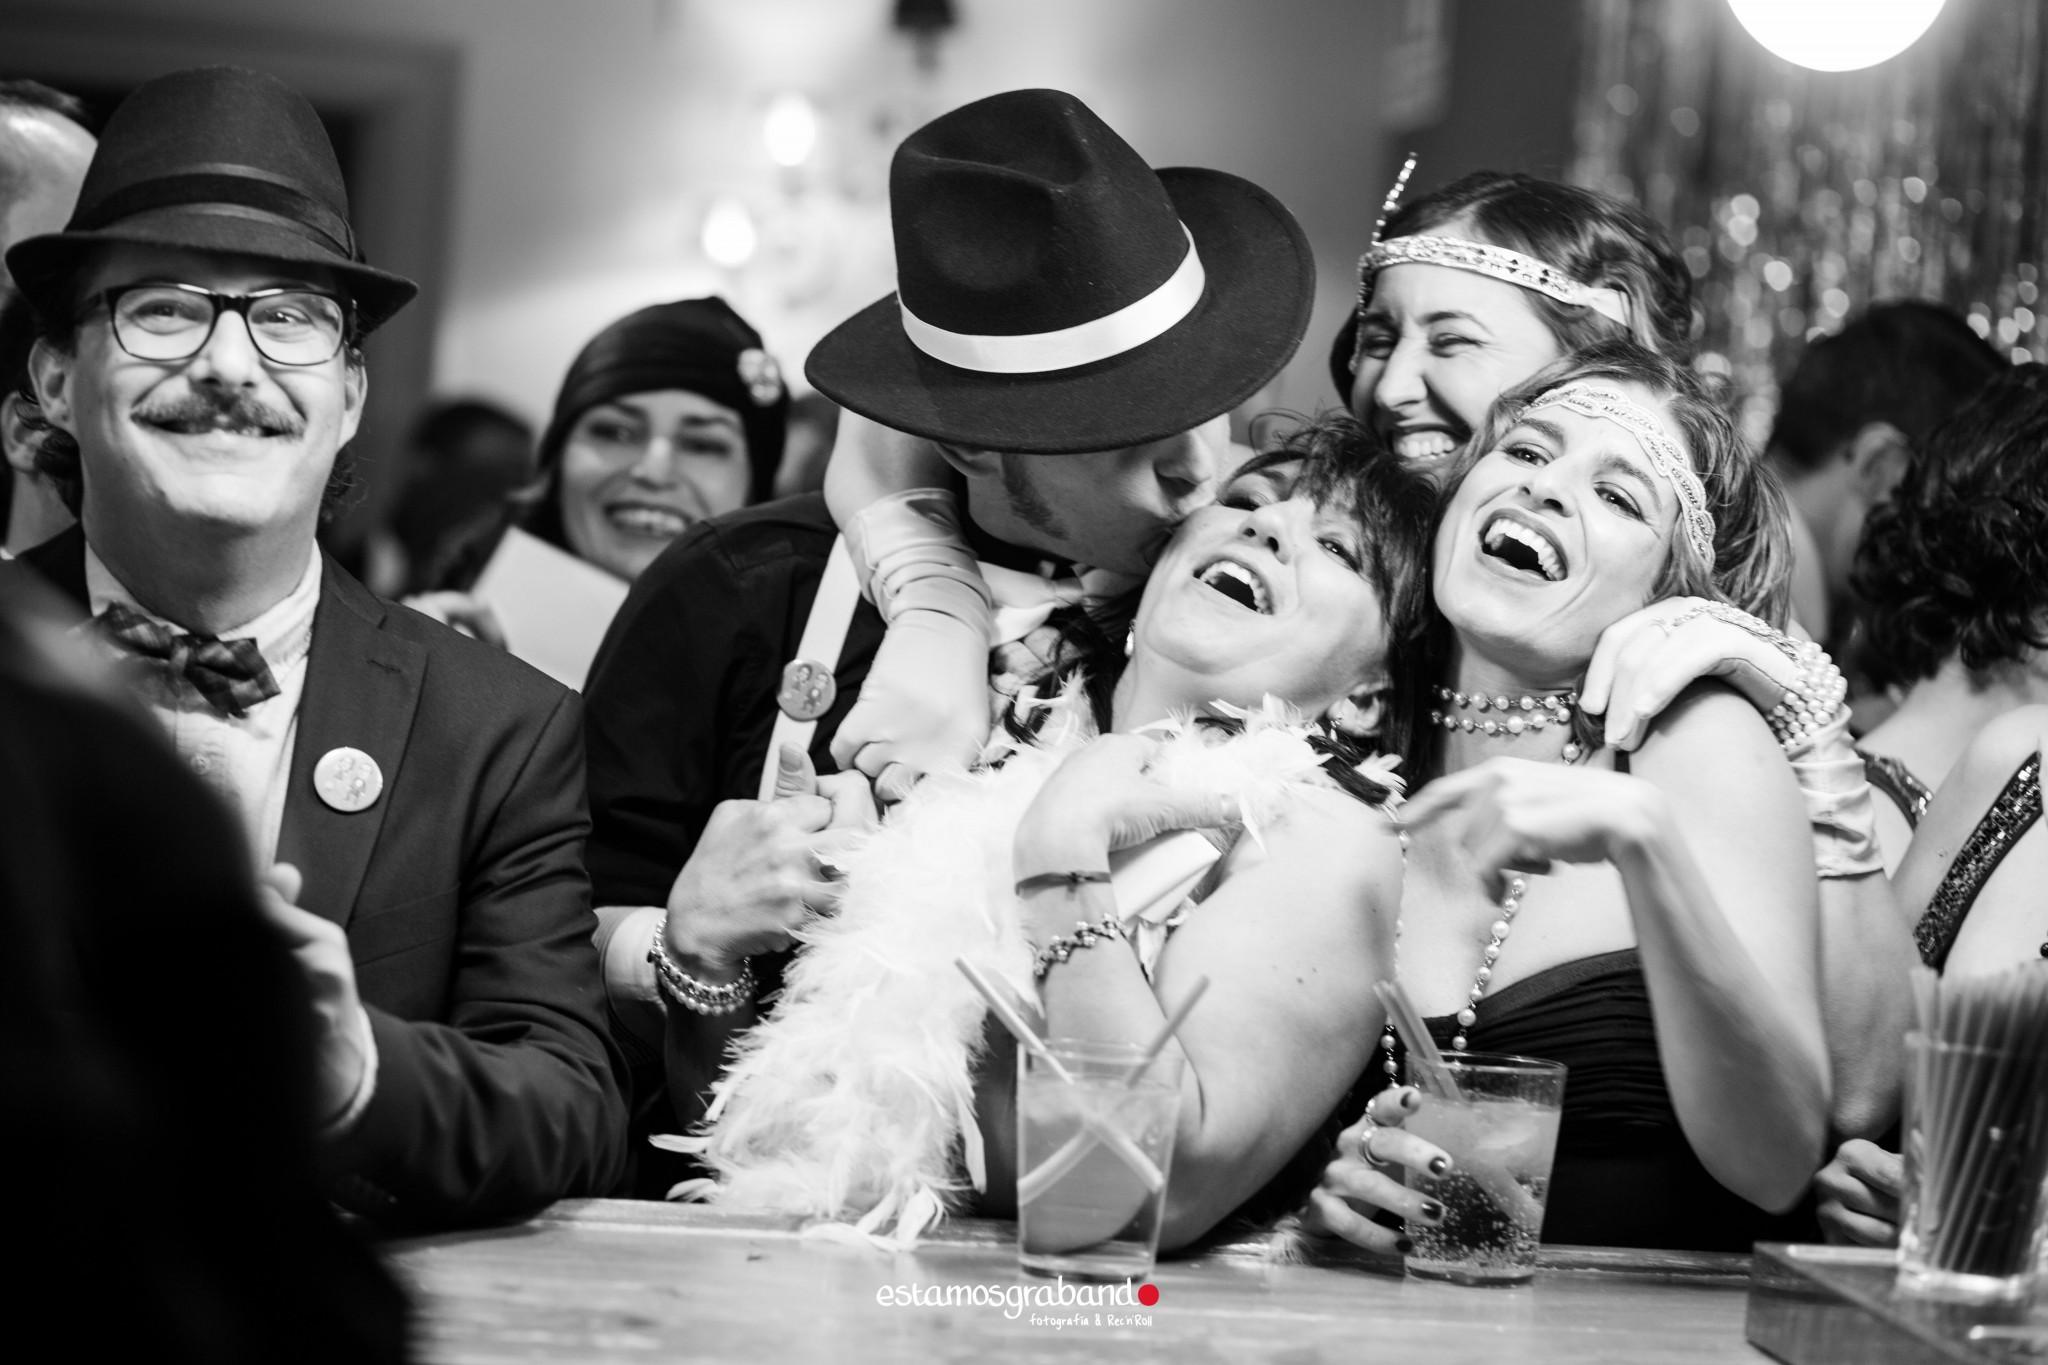 Años-20-BBTP-62-de-109 Los locos Años 20 [Fotografía en La Teta de Julieta, Cádiz] - video boda cadiz